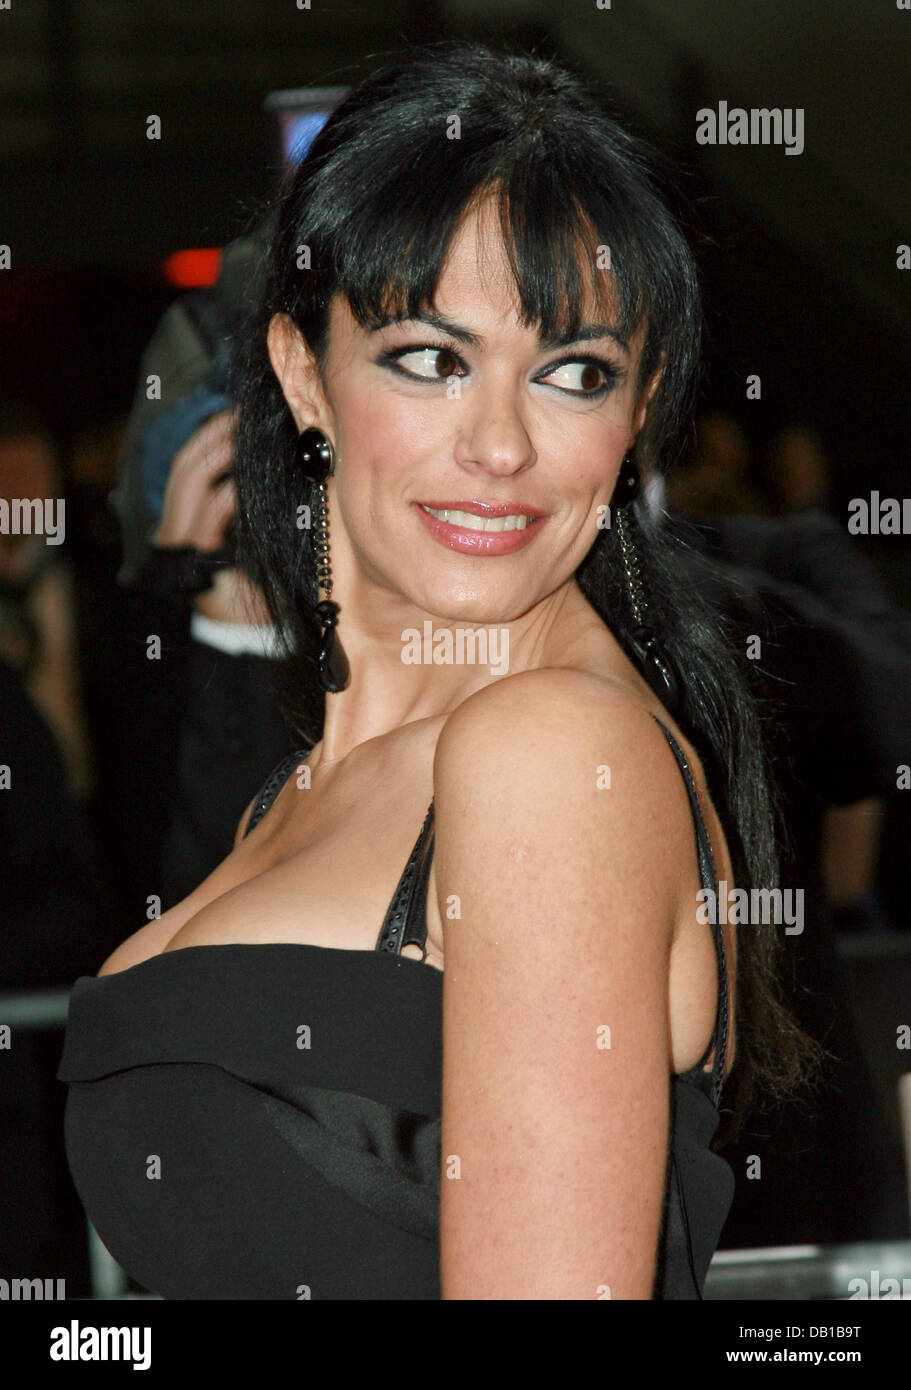 italienische schauspielerin maria grazia cucinotta posiert auf dem roten teppich als sie bei. Black Bedroom Furniture Sets. Home Design Ideas